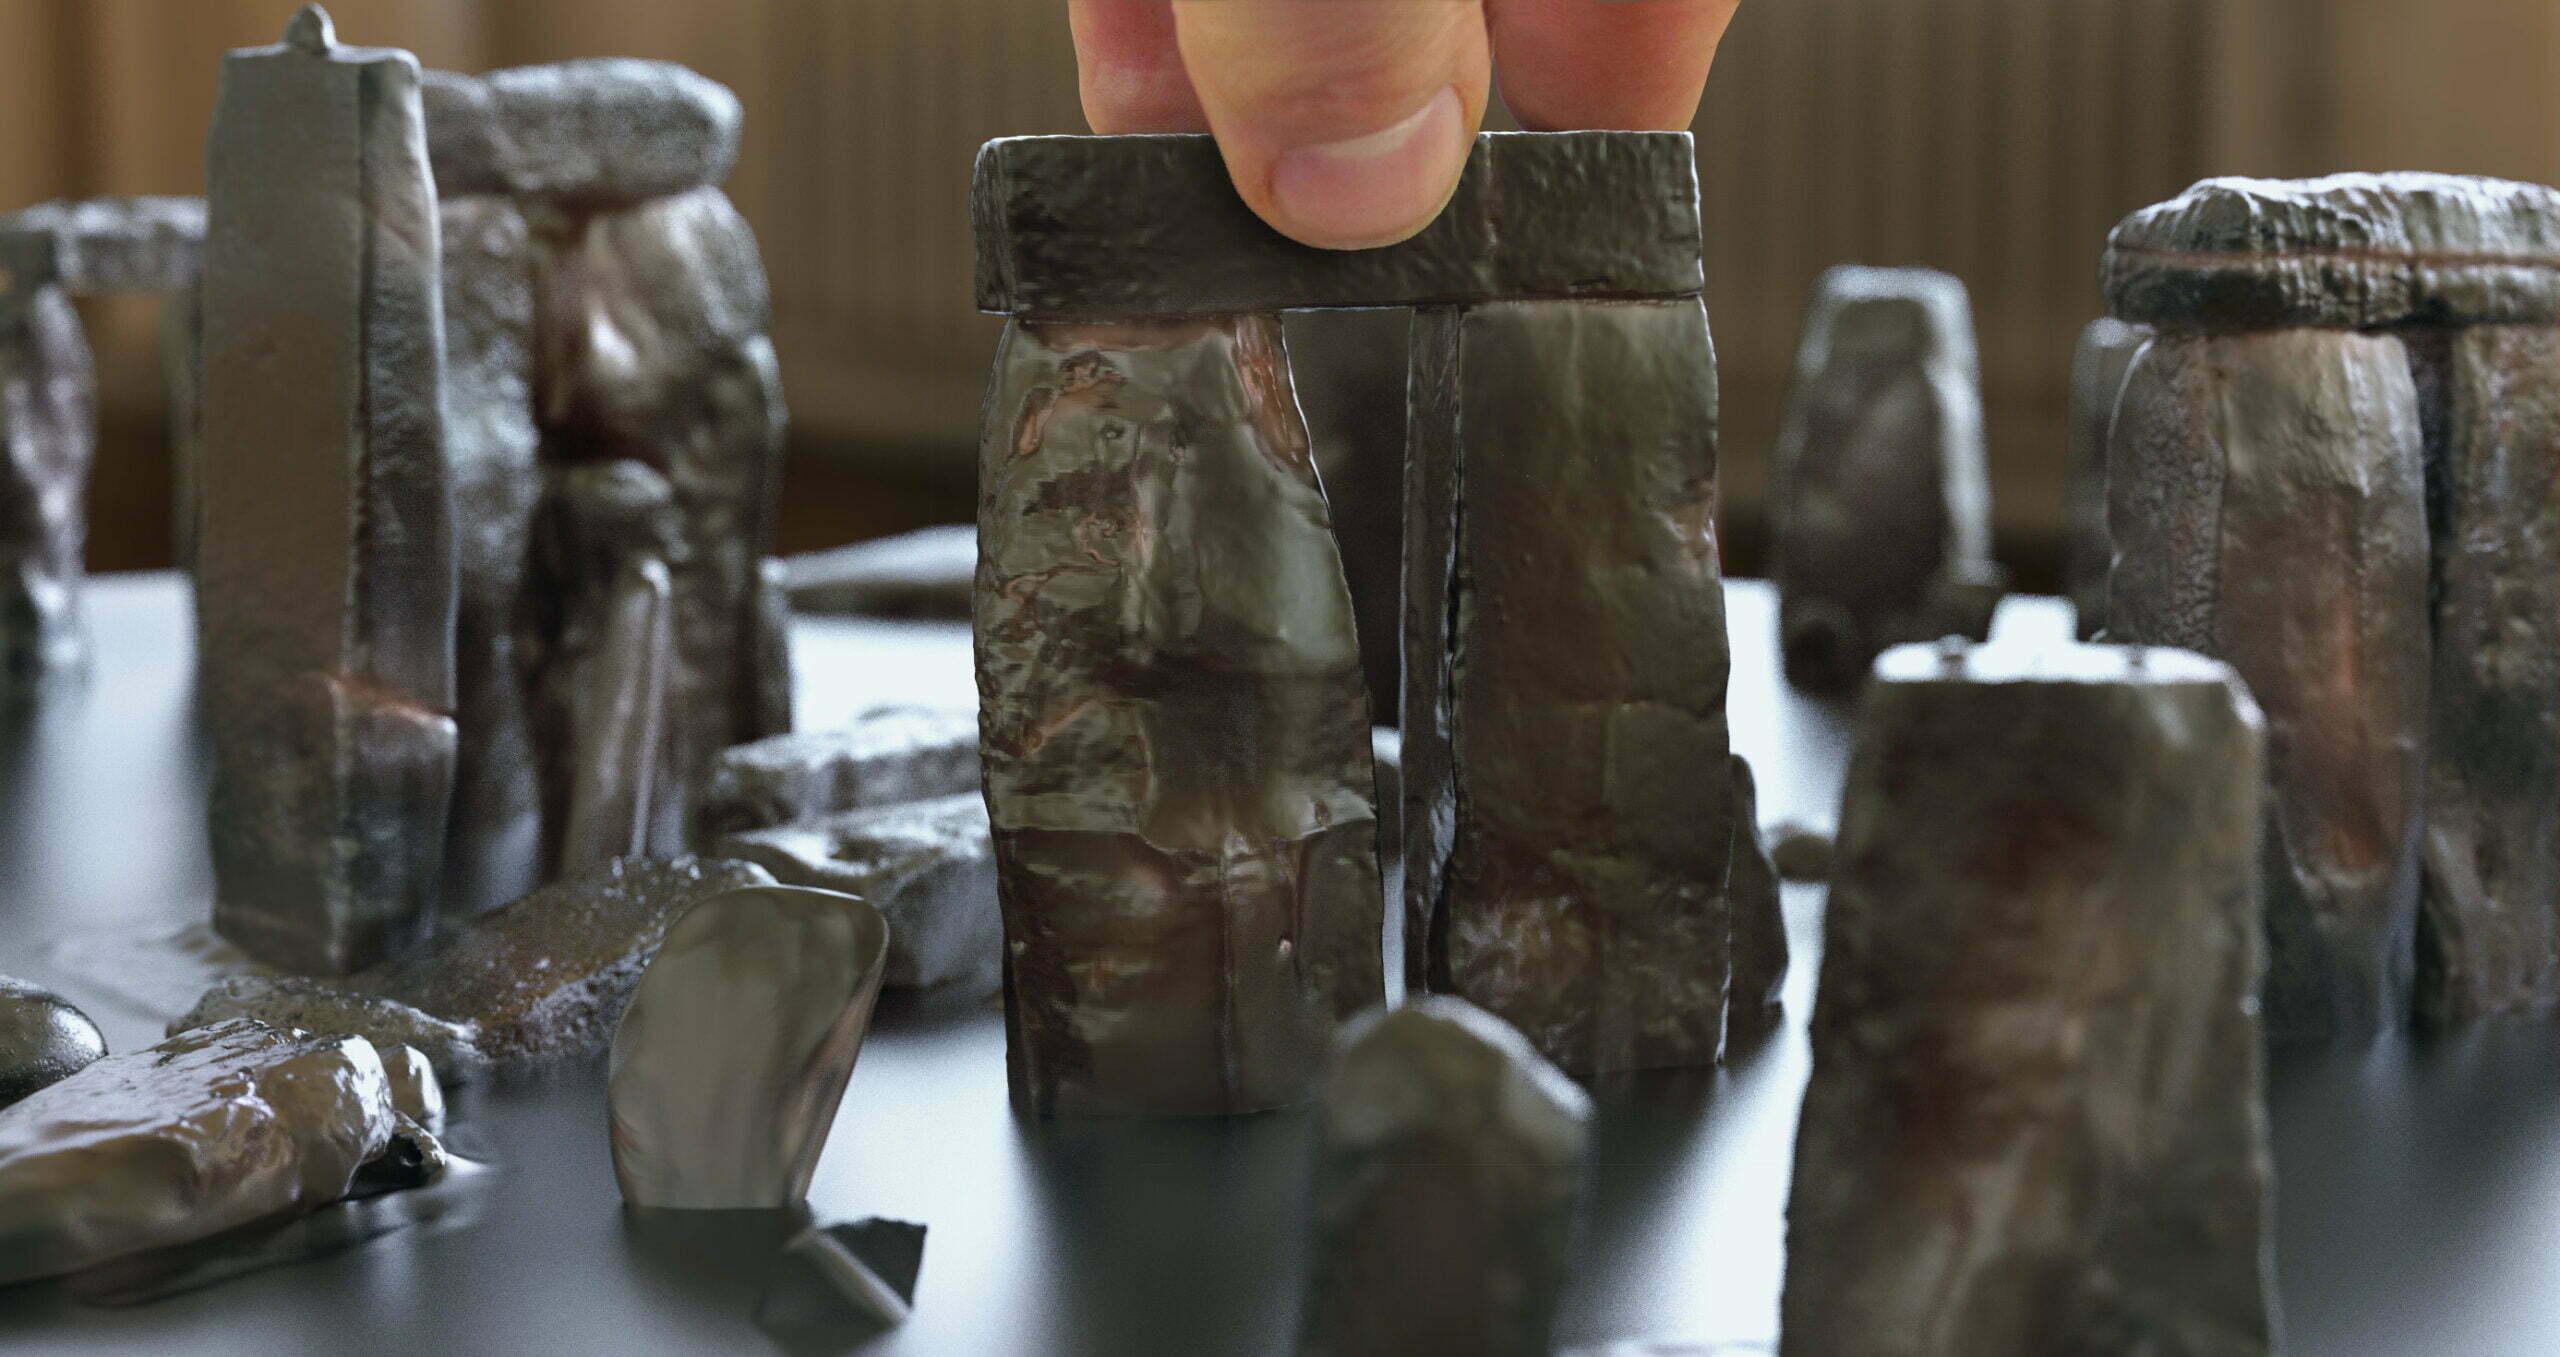 Buy Stonehenge Models: 76th scale newer4 scaled  - 76 and 35th scale models of Stonehenge - 76 and 35th scale models of Stonehenge